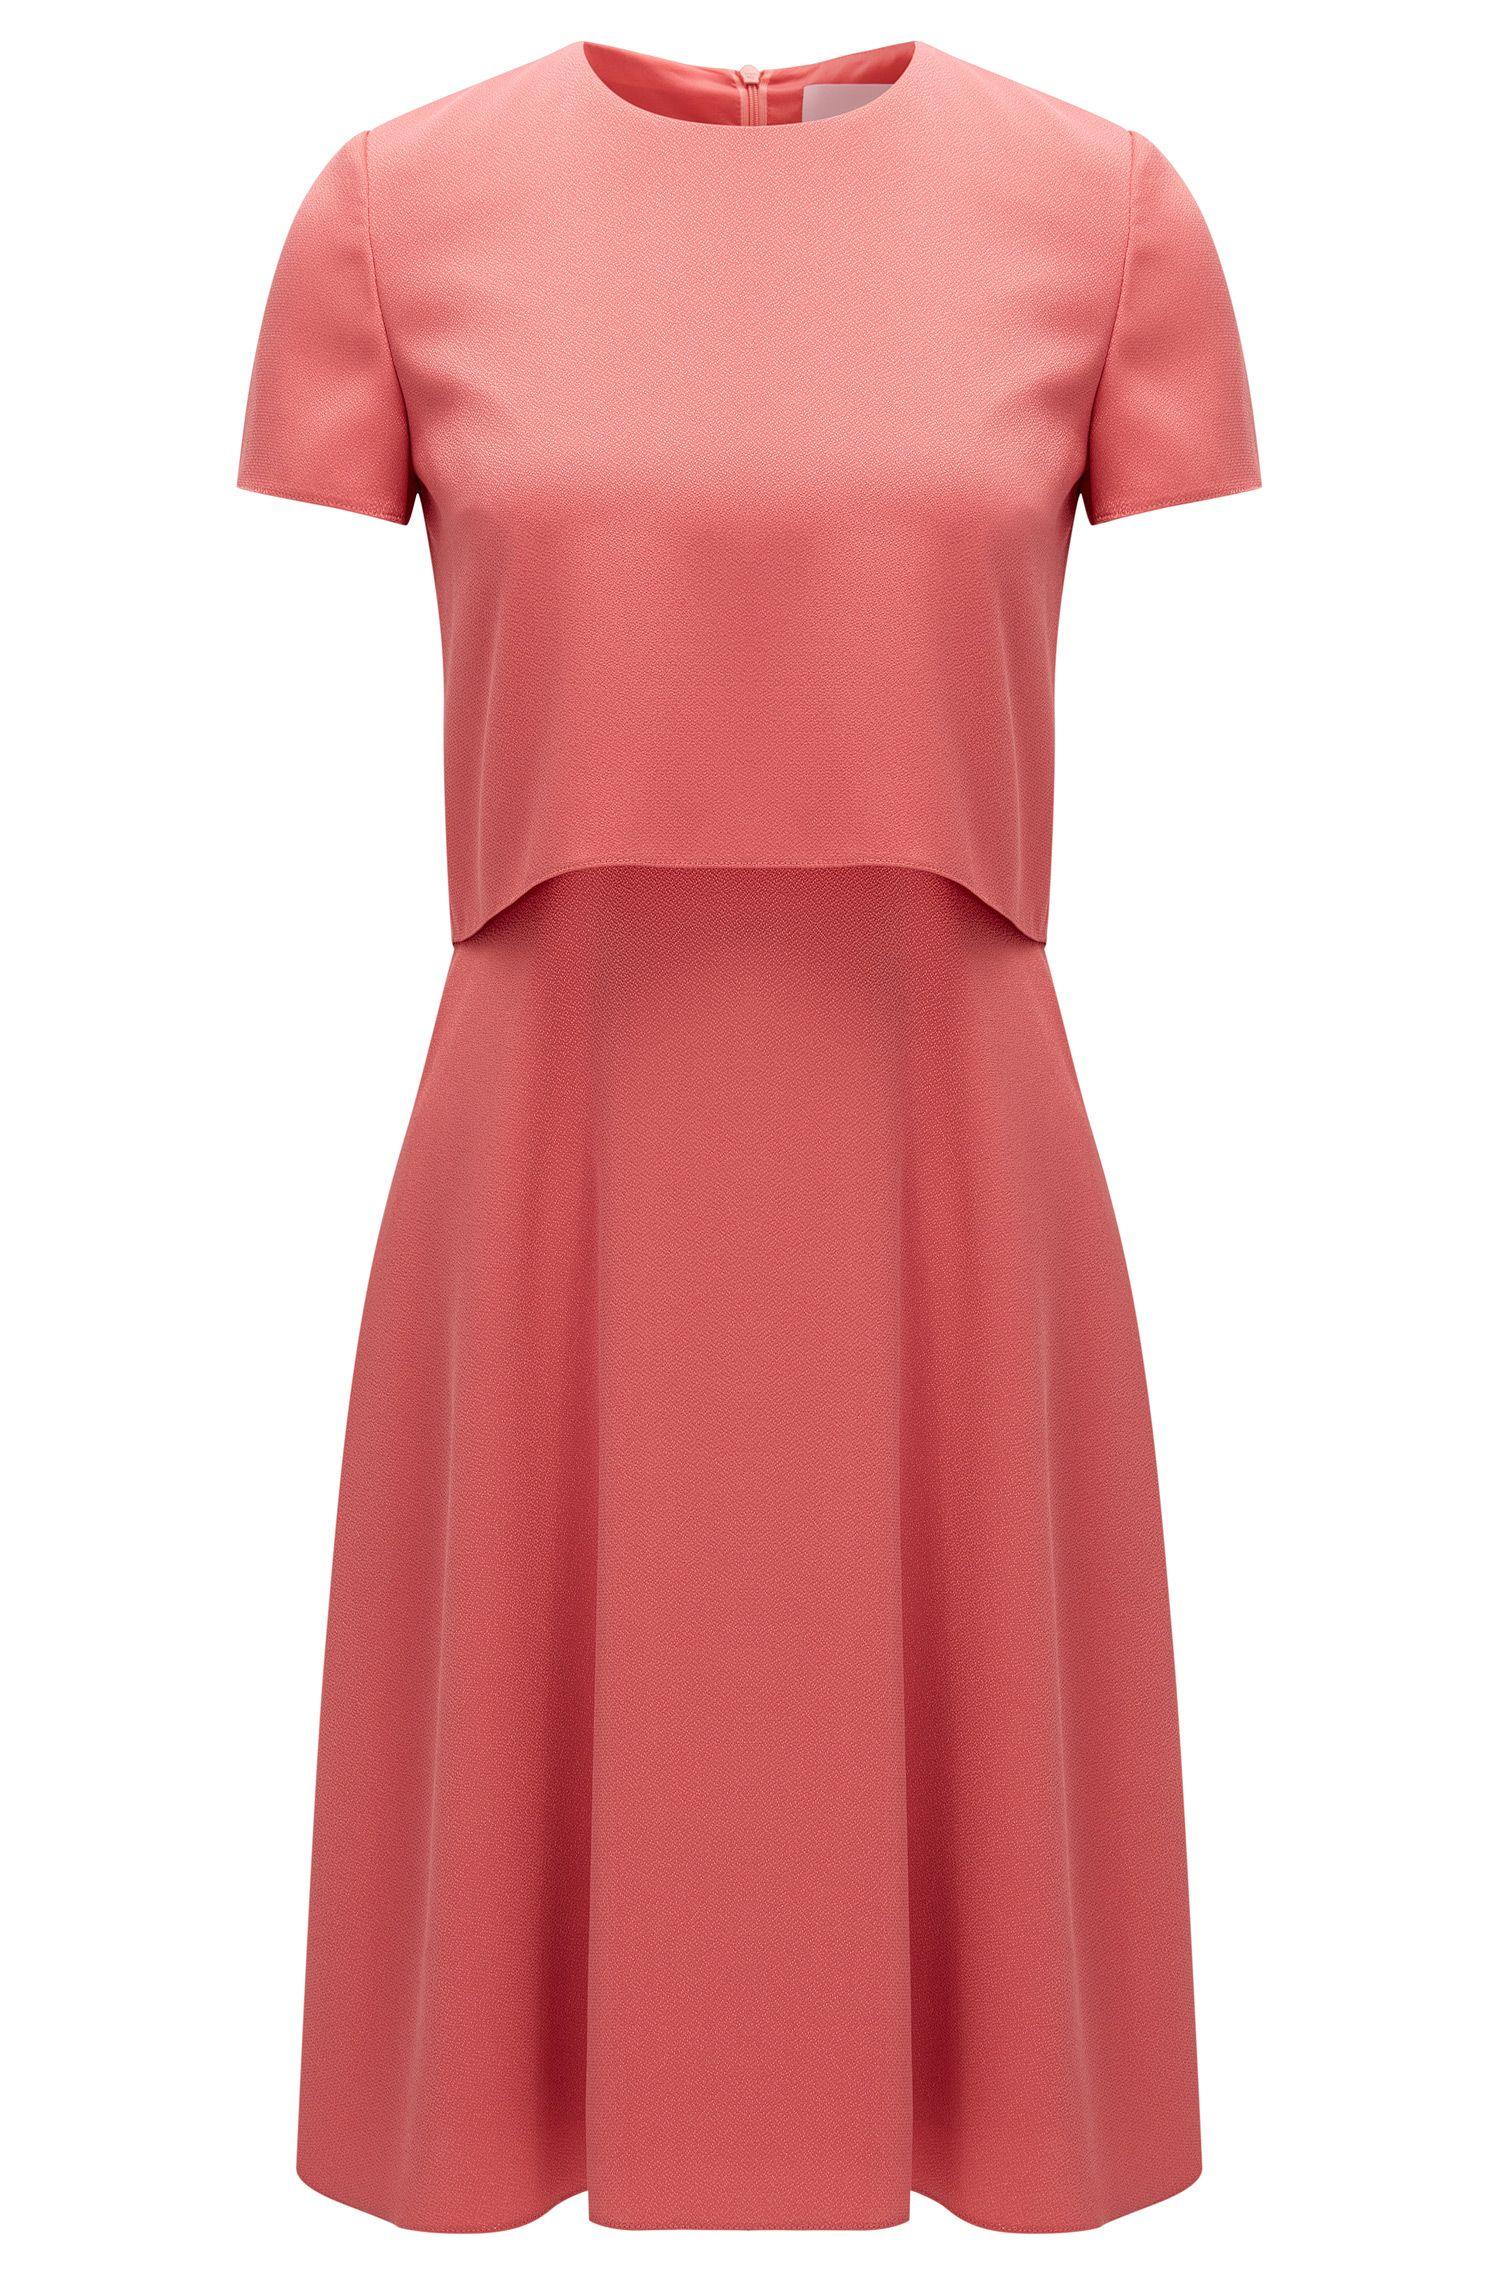 Gelaagde regular-fit jurk van een gehamerde stof